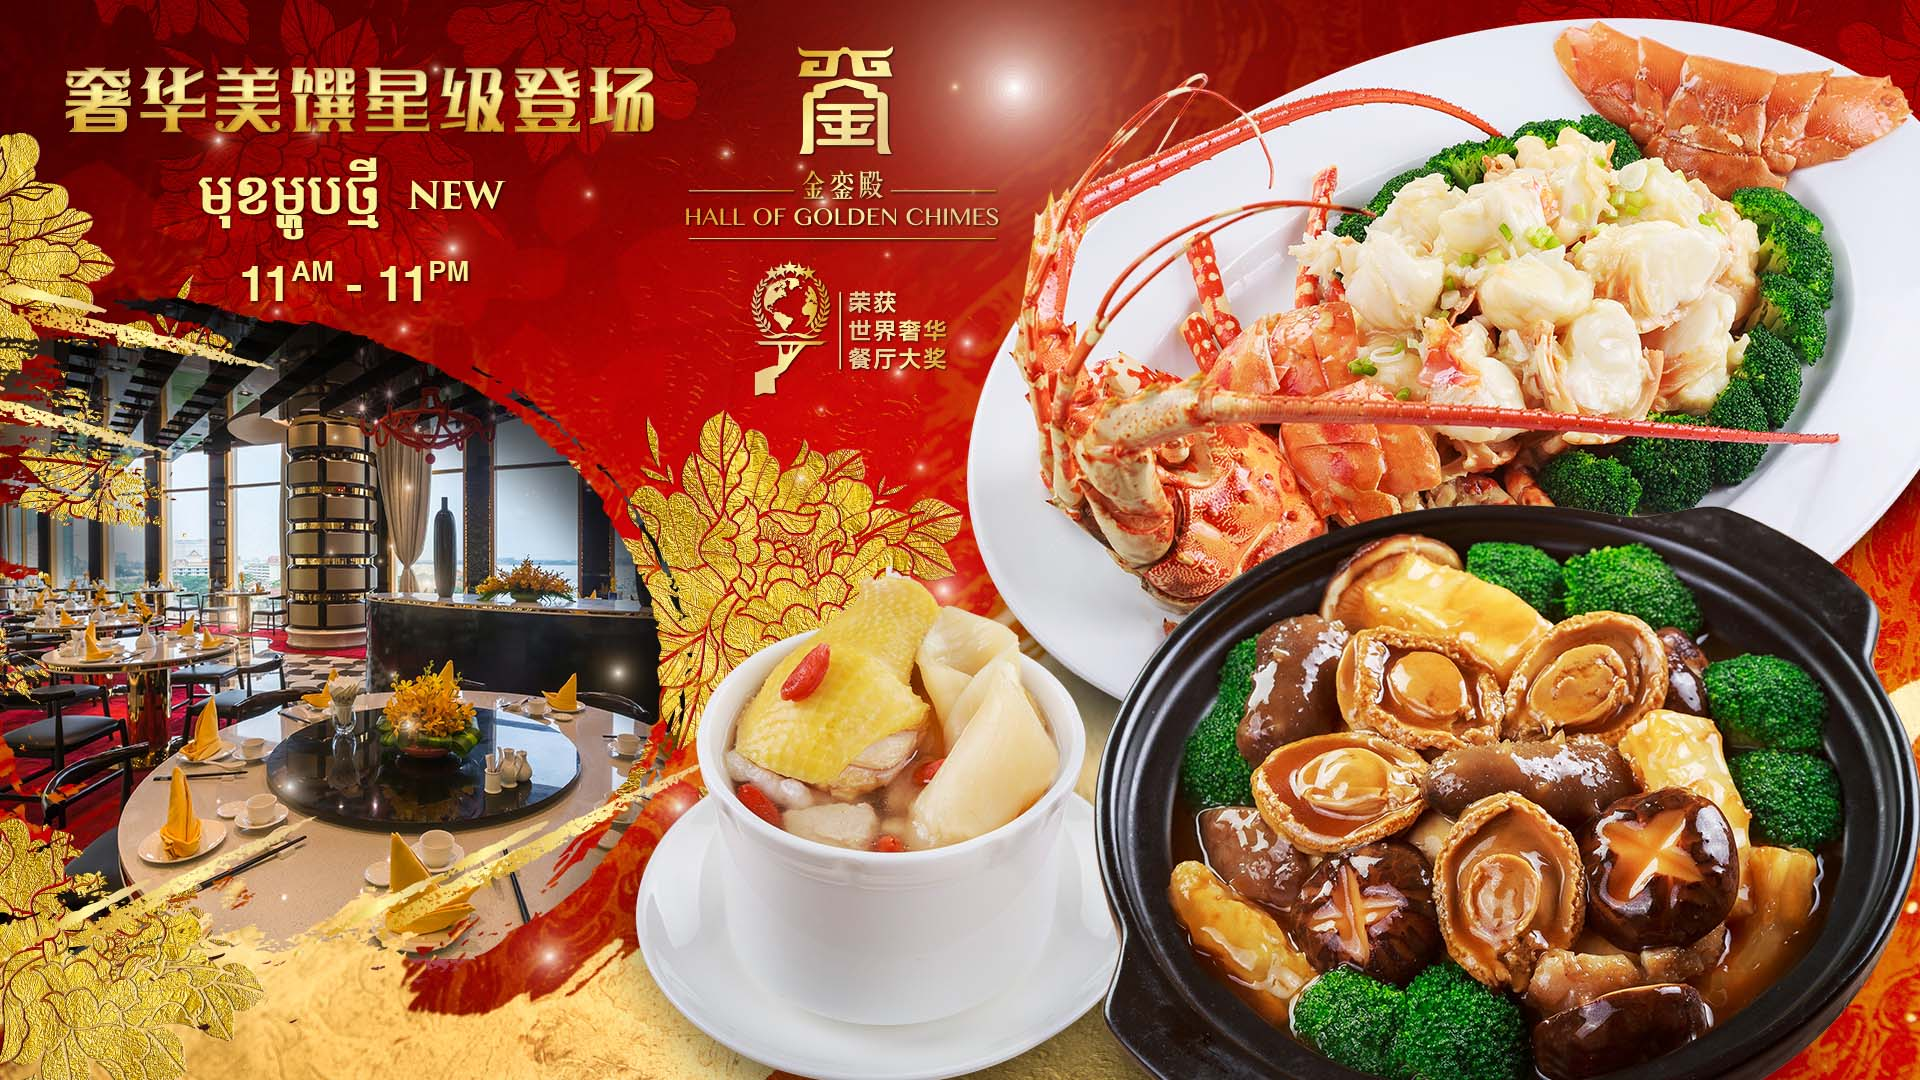 Website Details CNS KH EN